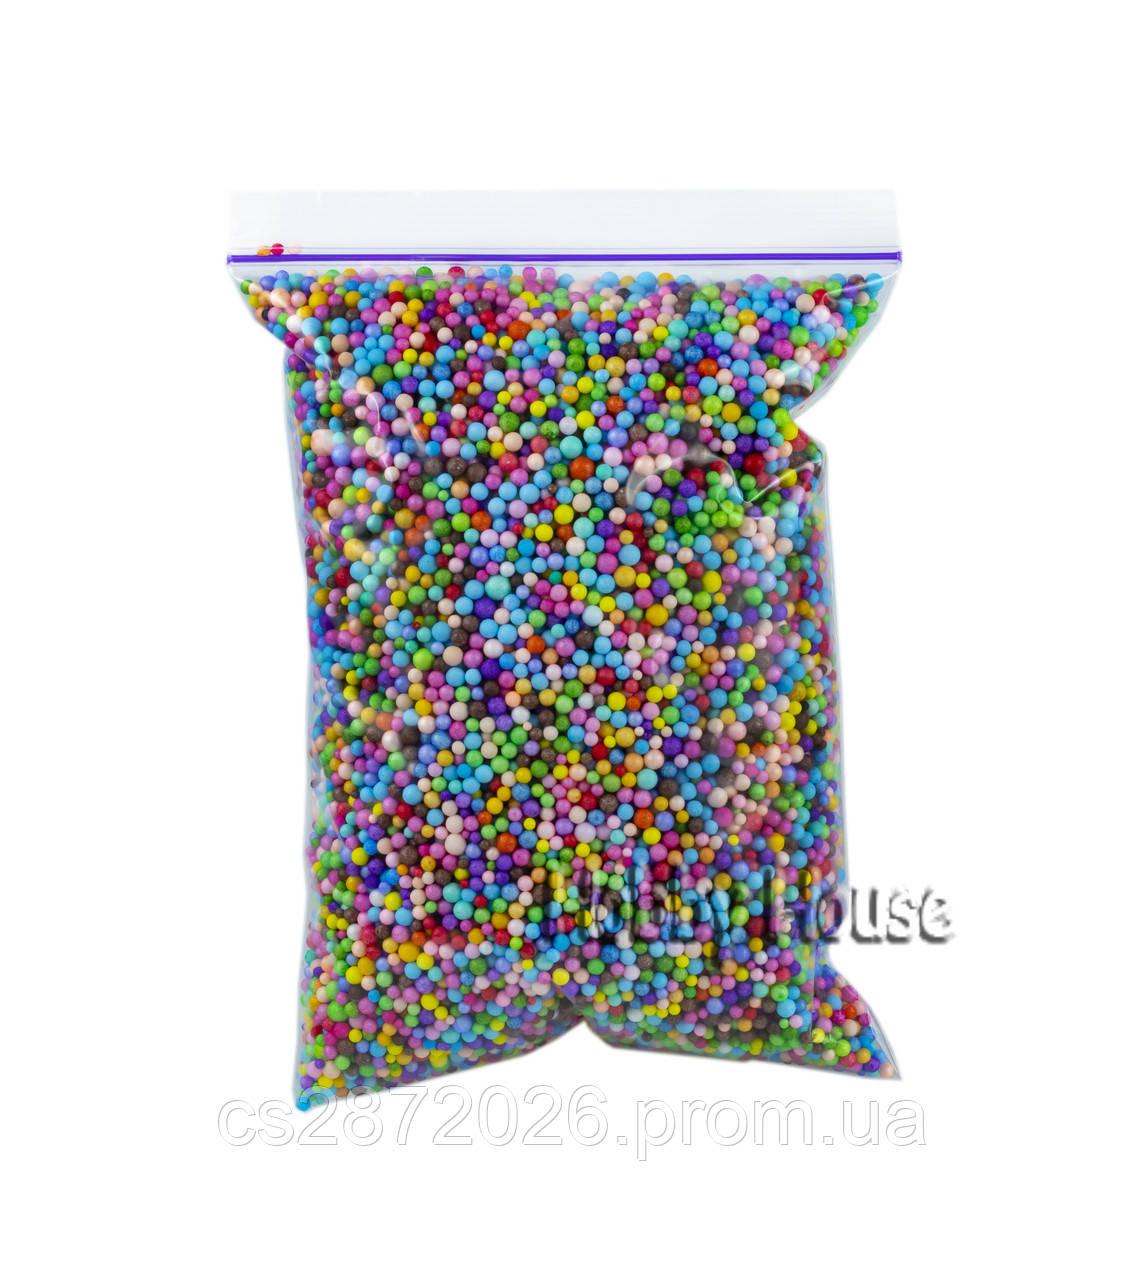 Пенопластовые шарики для слаймов и декора.  2-4 мм,1000 мл, Микс (разные цвета).